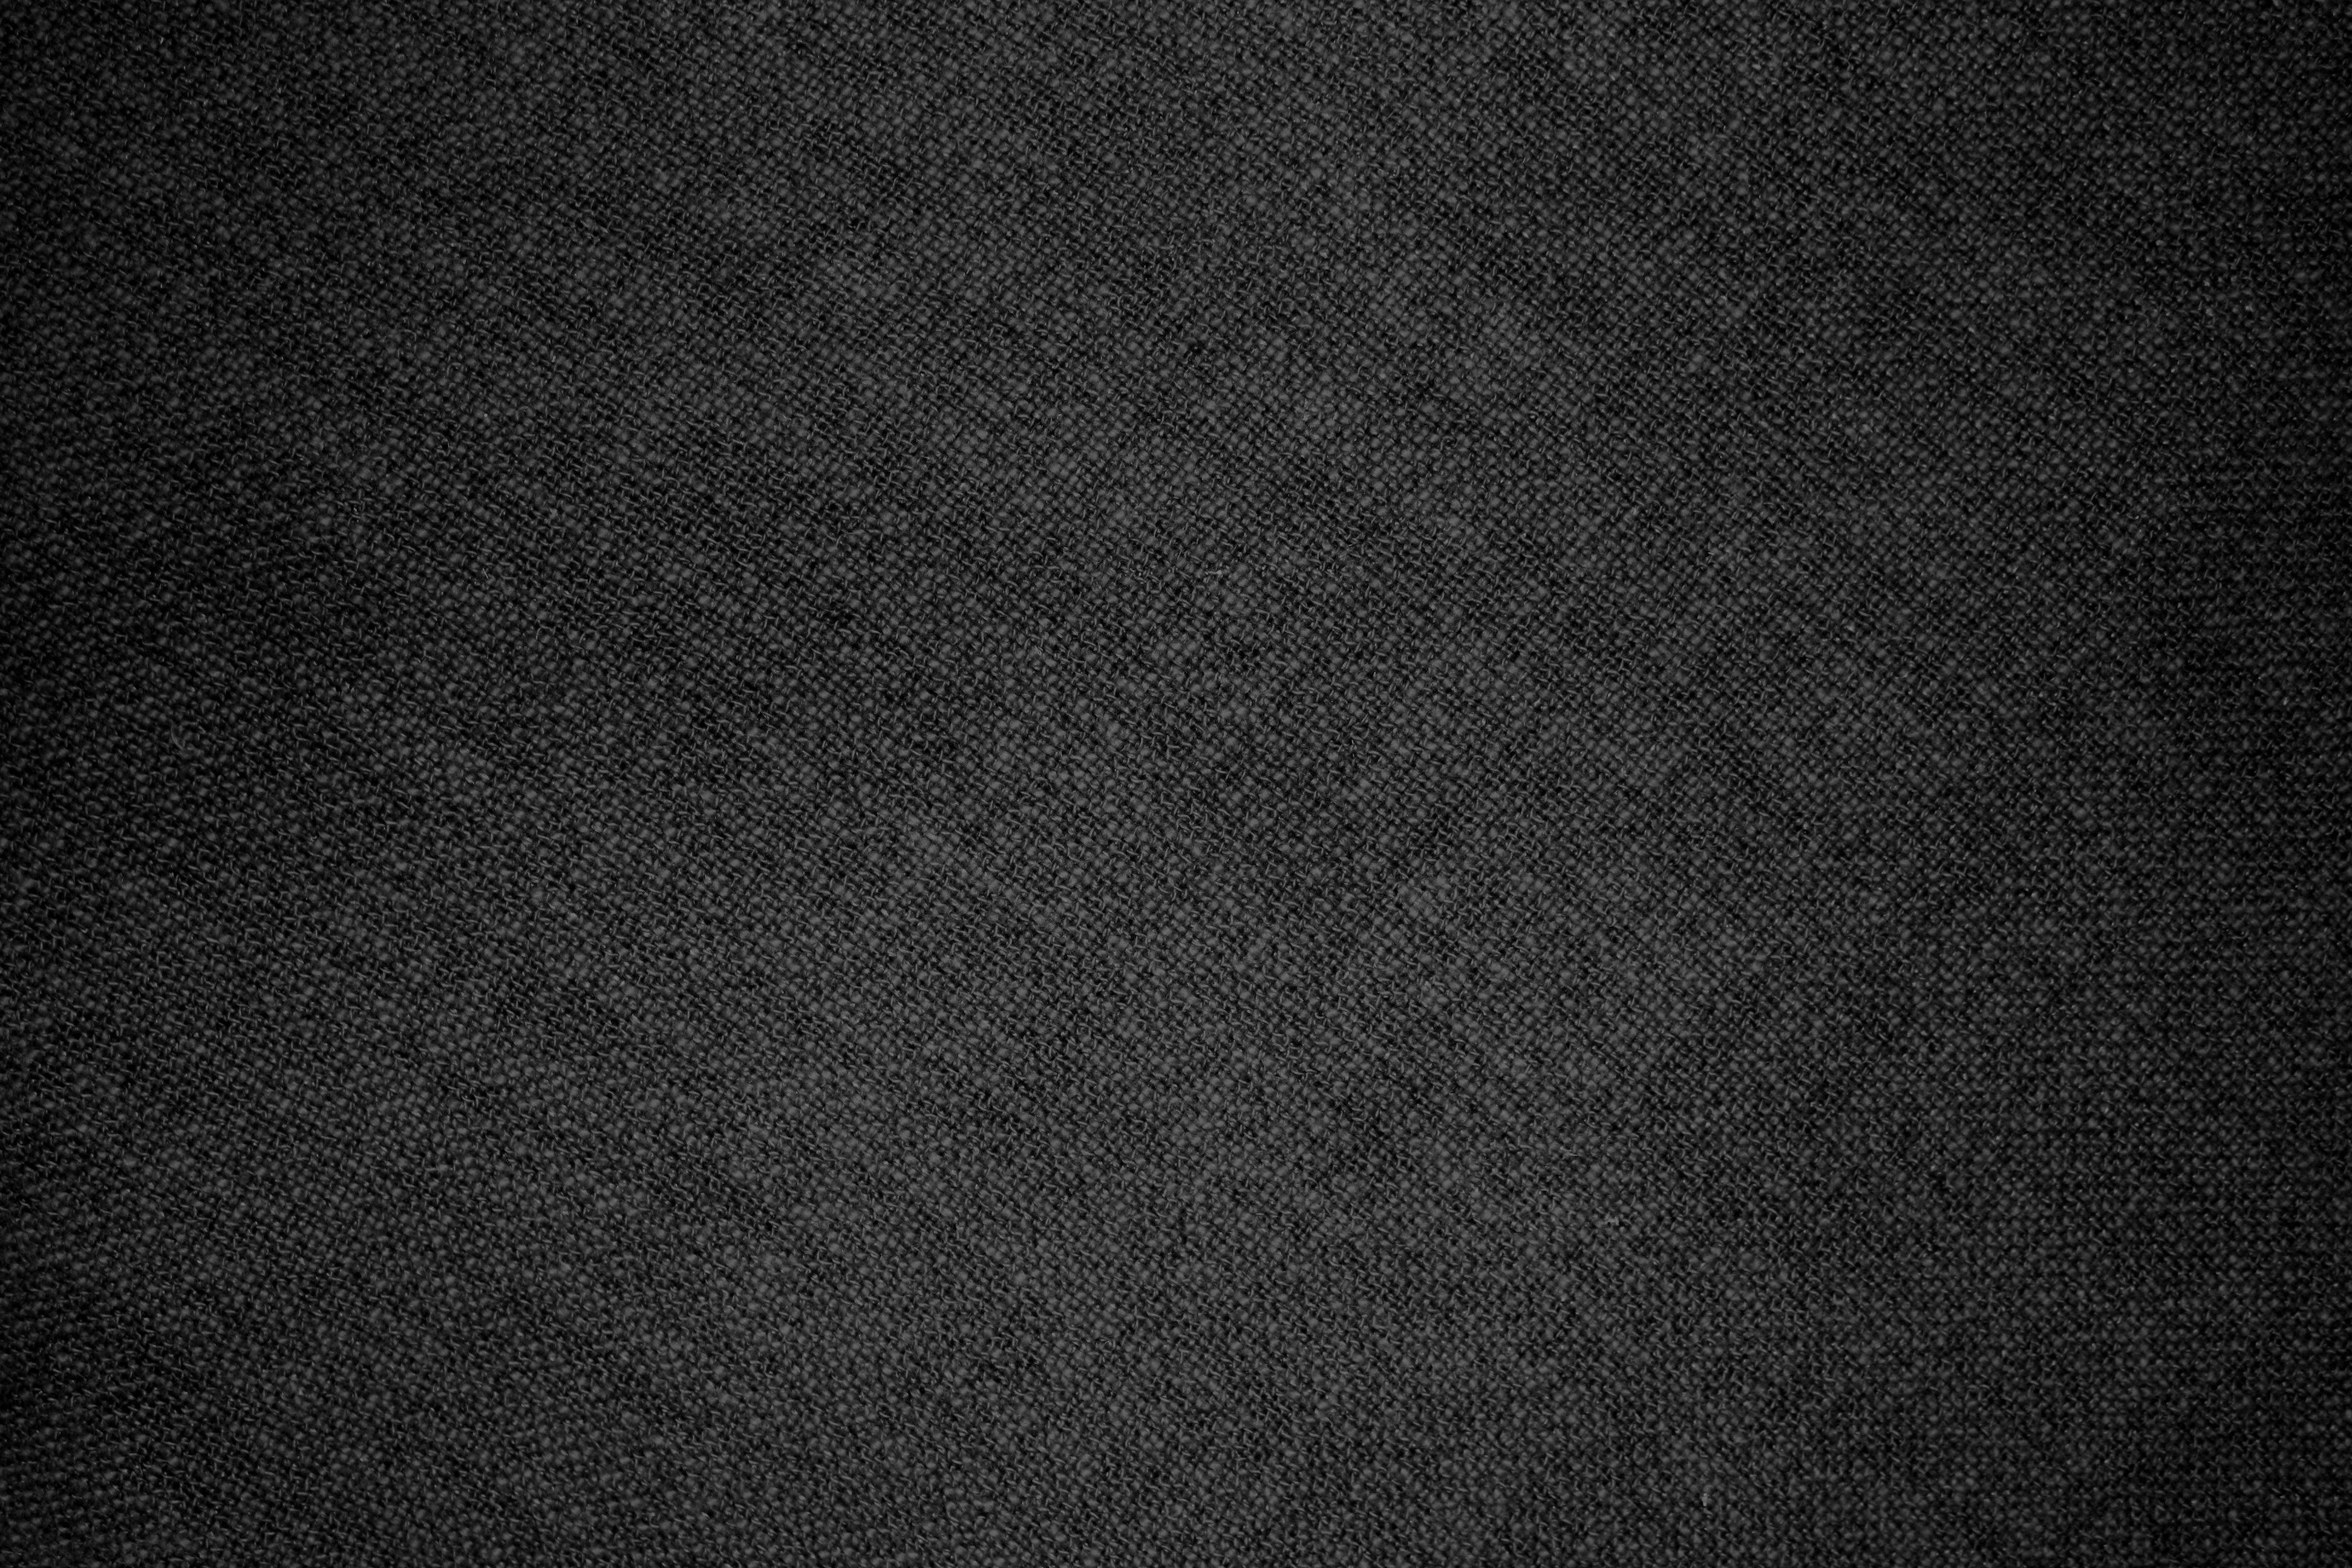 Black Fabric Texture Picture   Free Photograph   Photos Public Domain